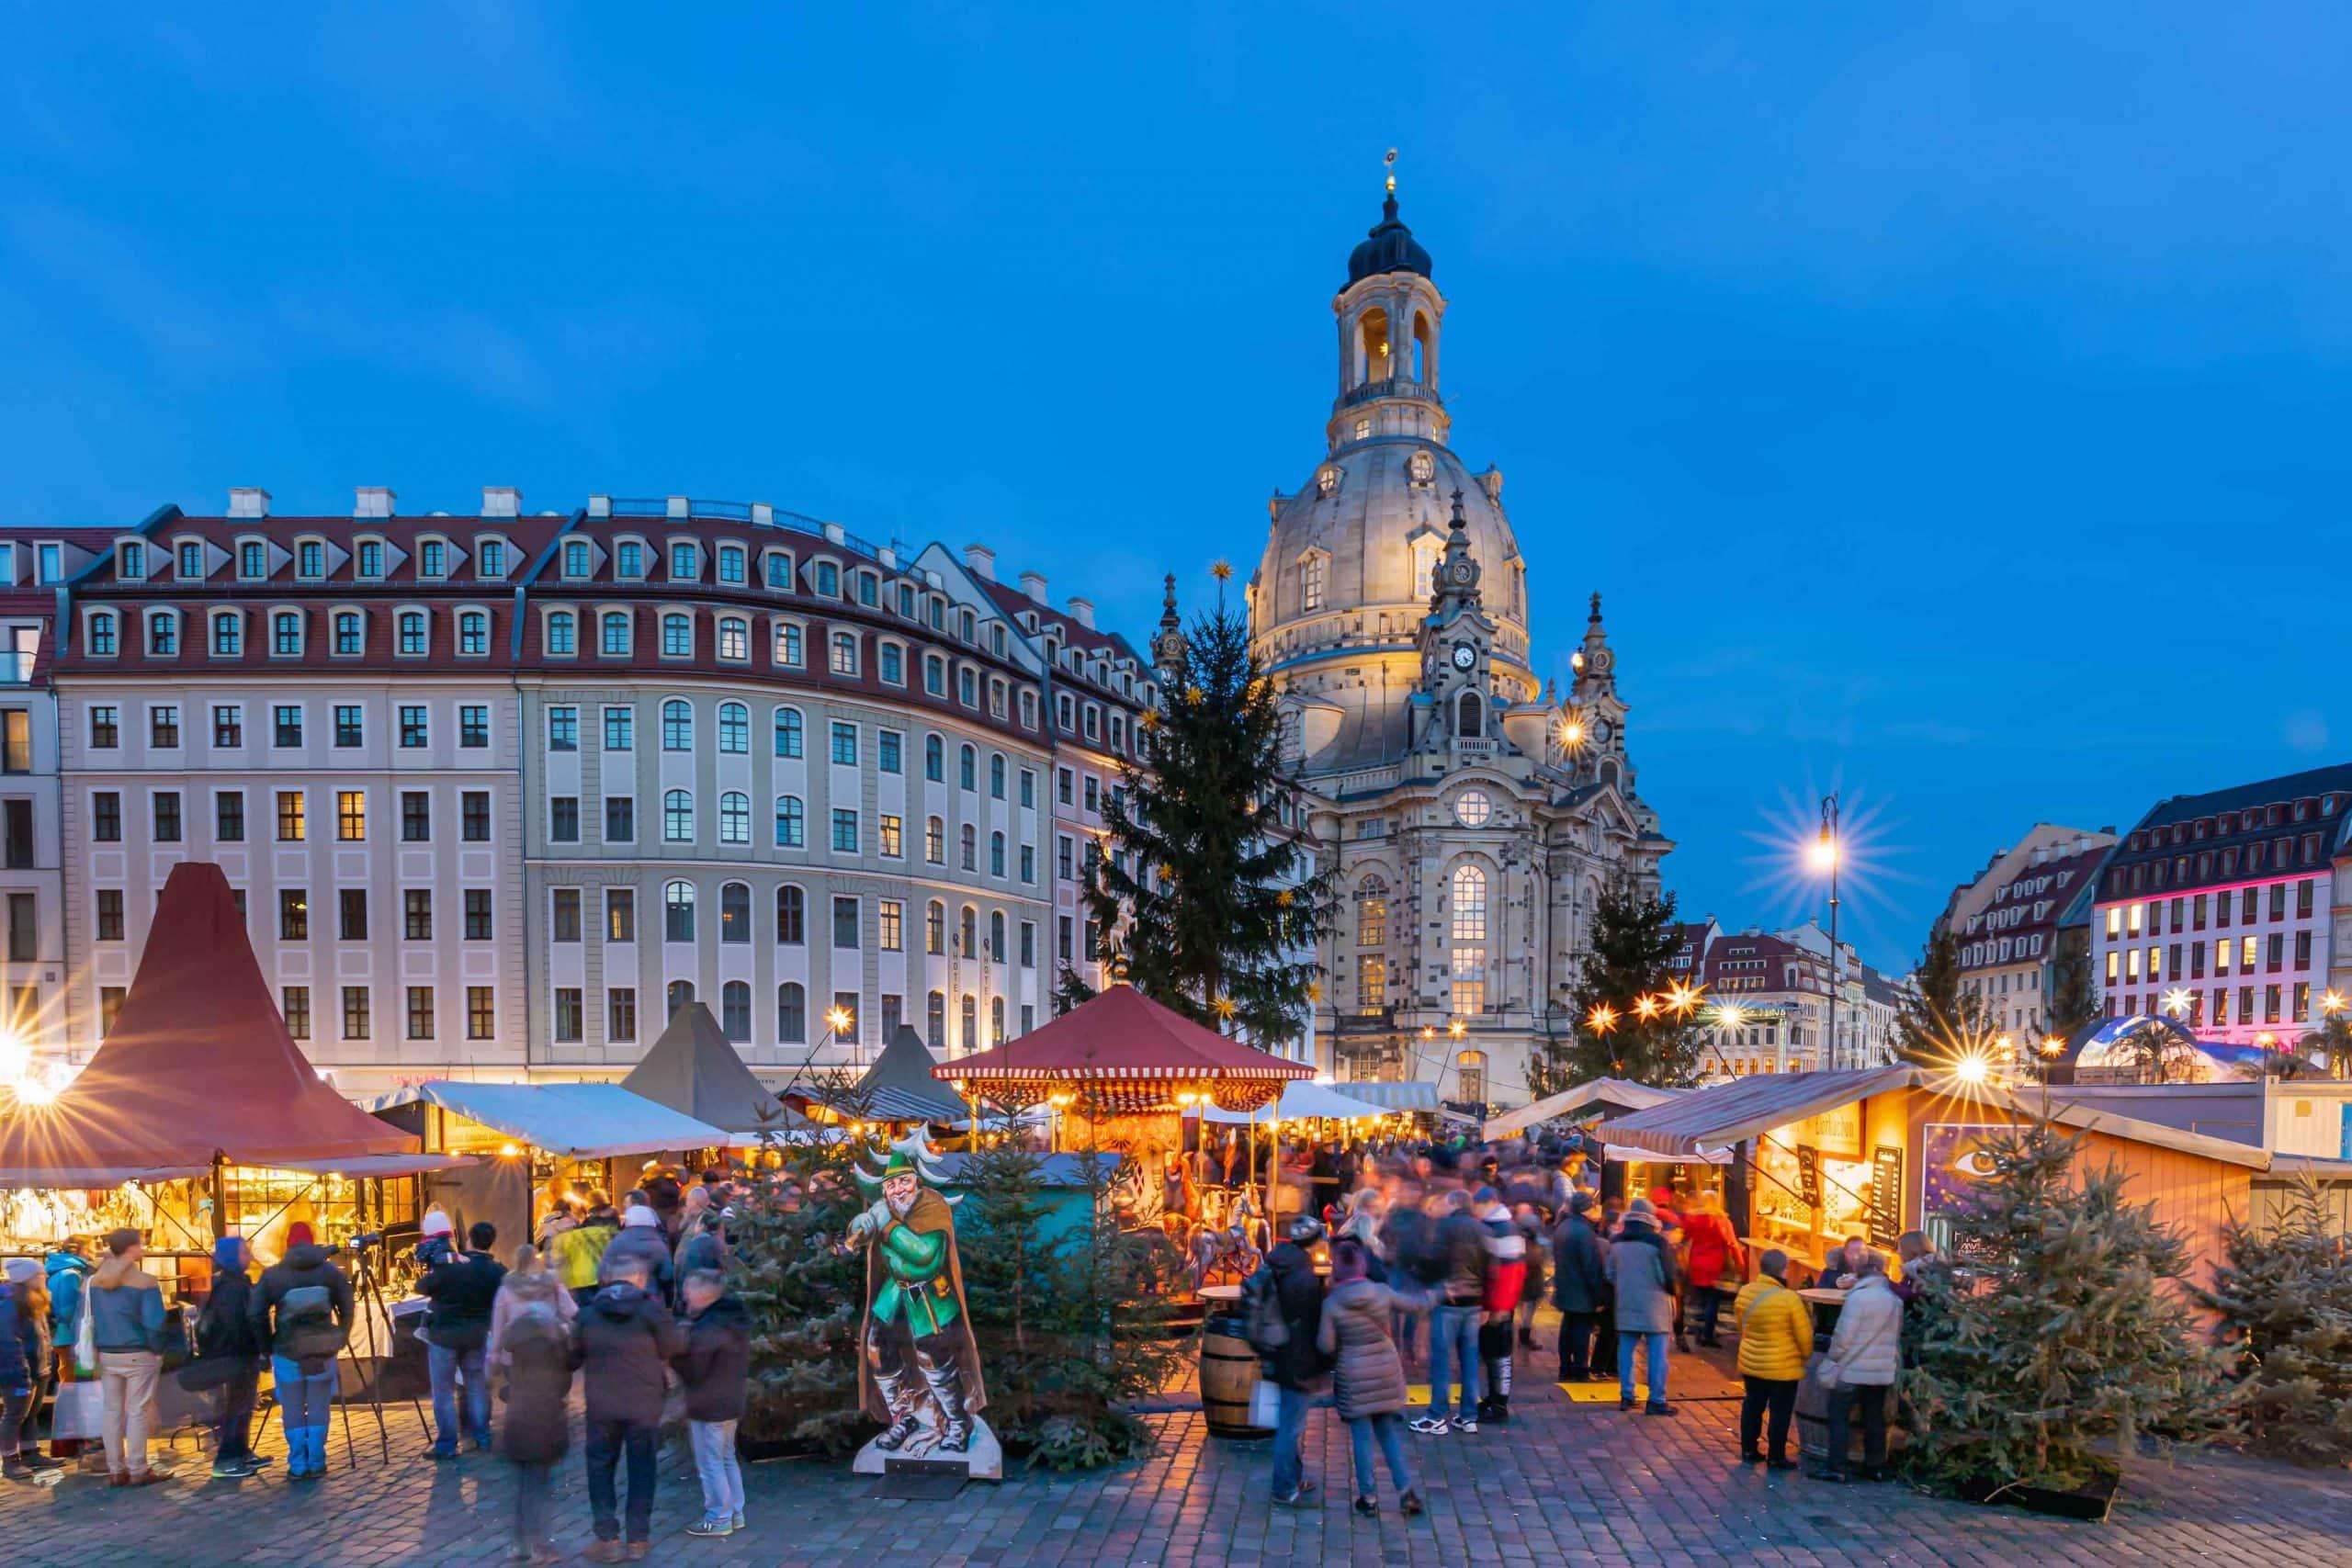 Weihnachtsmarkt Frauenkirche